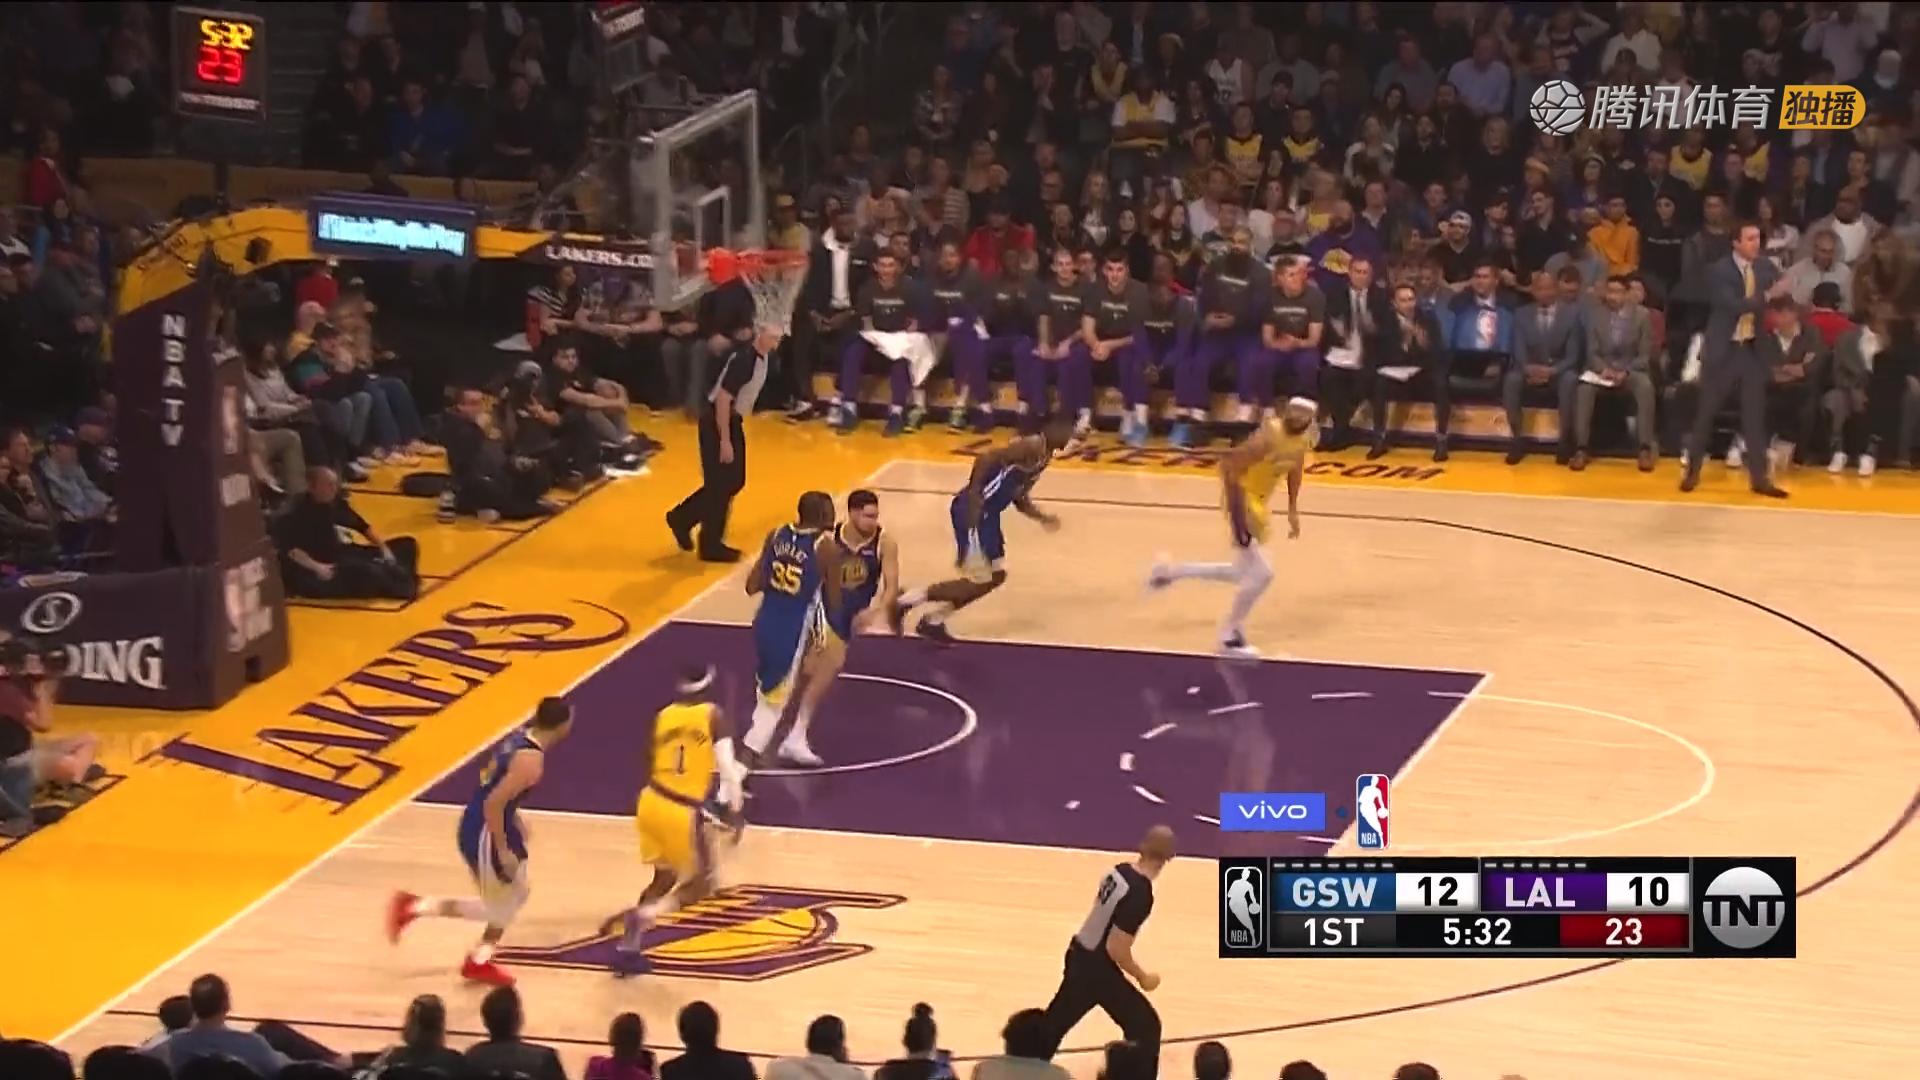 2019年1月22日 NBA常规赛 勇士VS湖人 全场高清录像回放-麦豆网